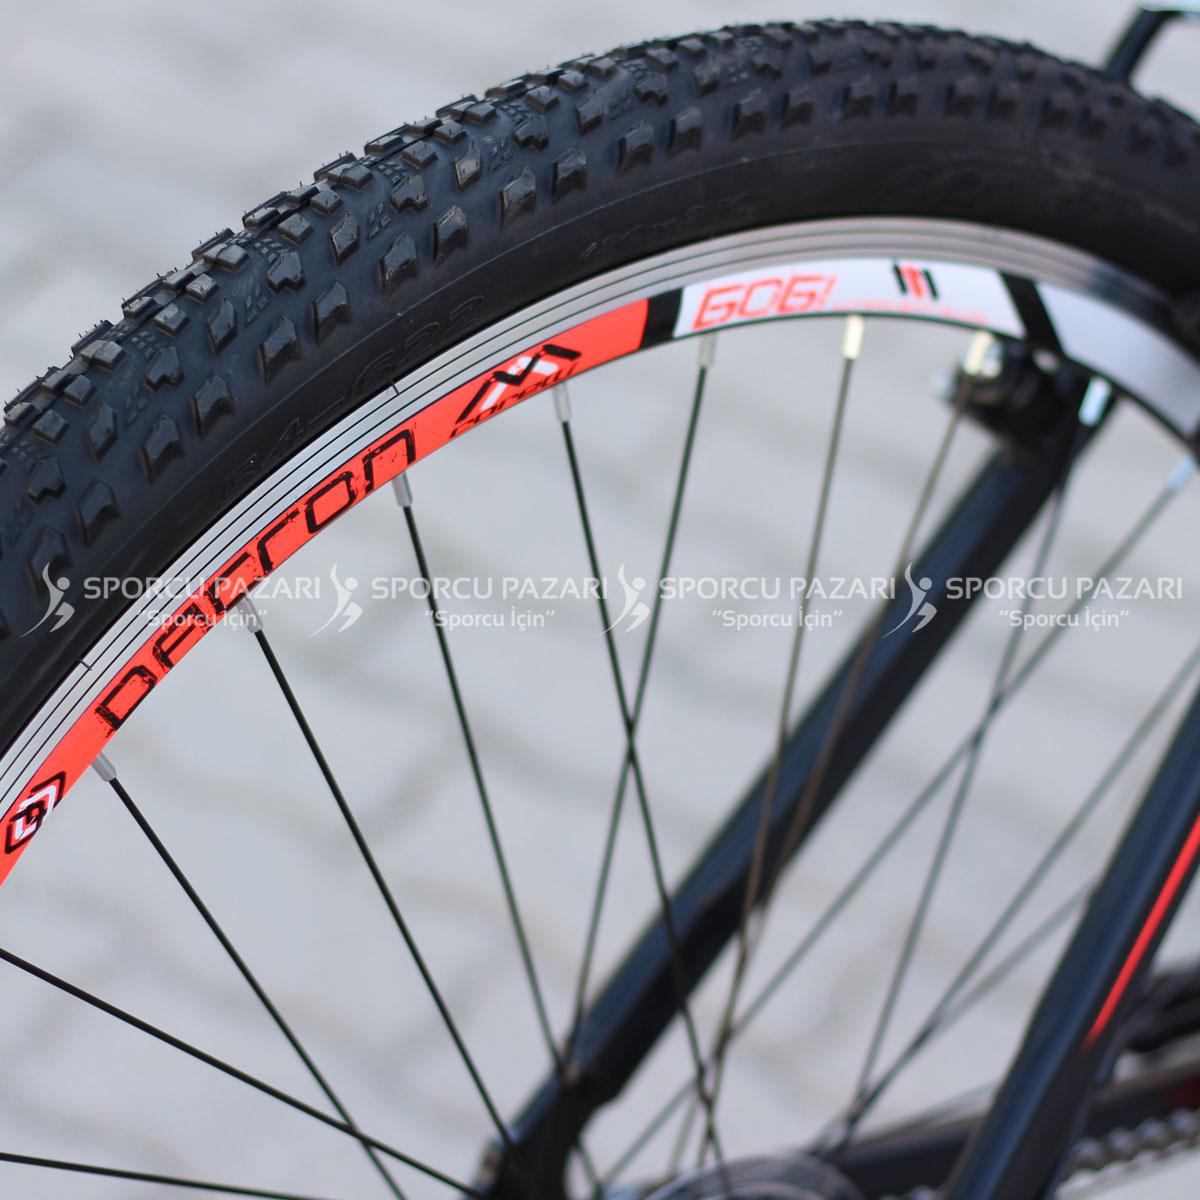 Corelli Snoop 3.4 Siyah Neon Kırmızı Dağ Bisikleti